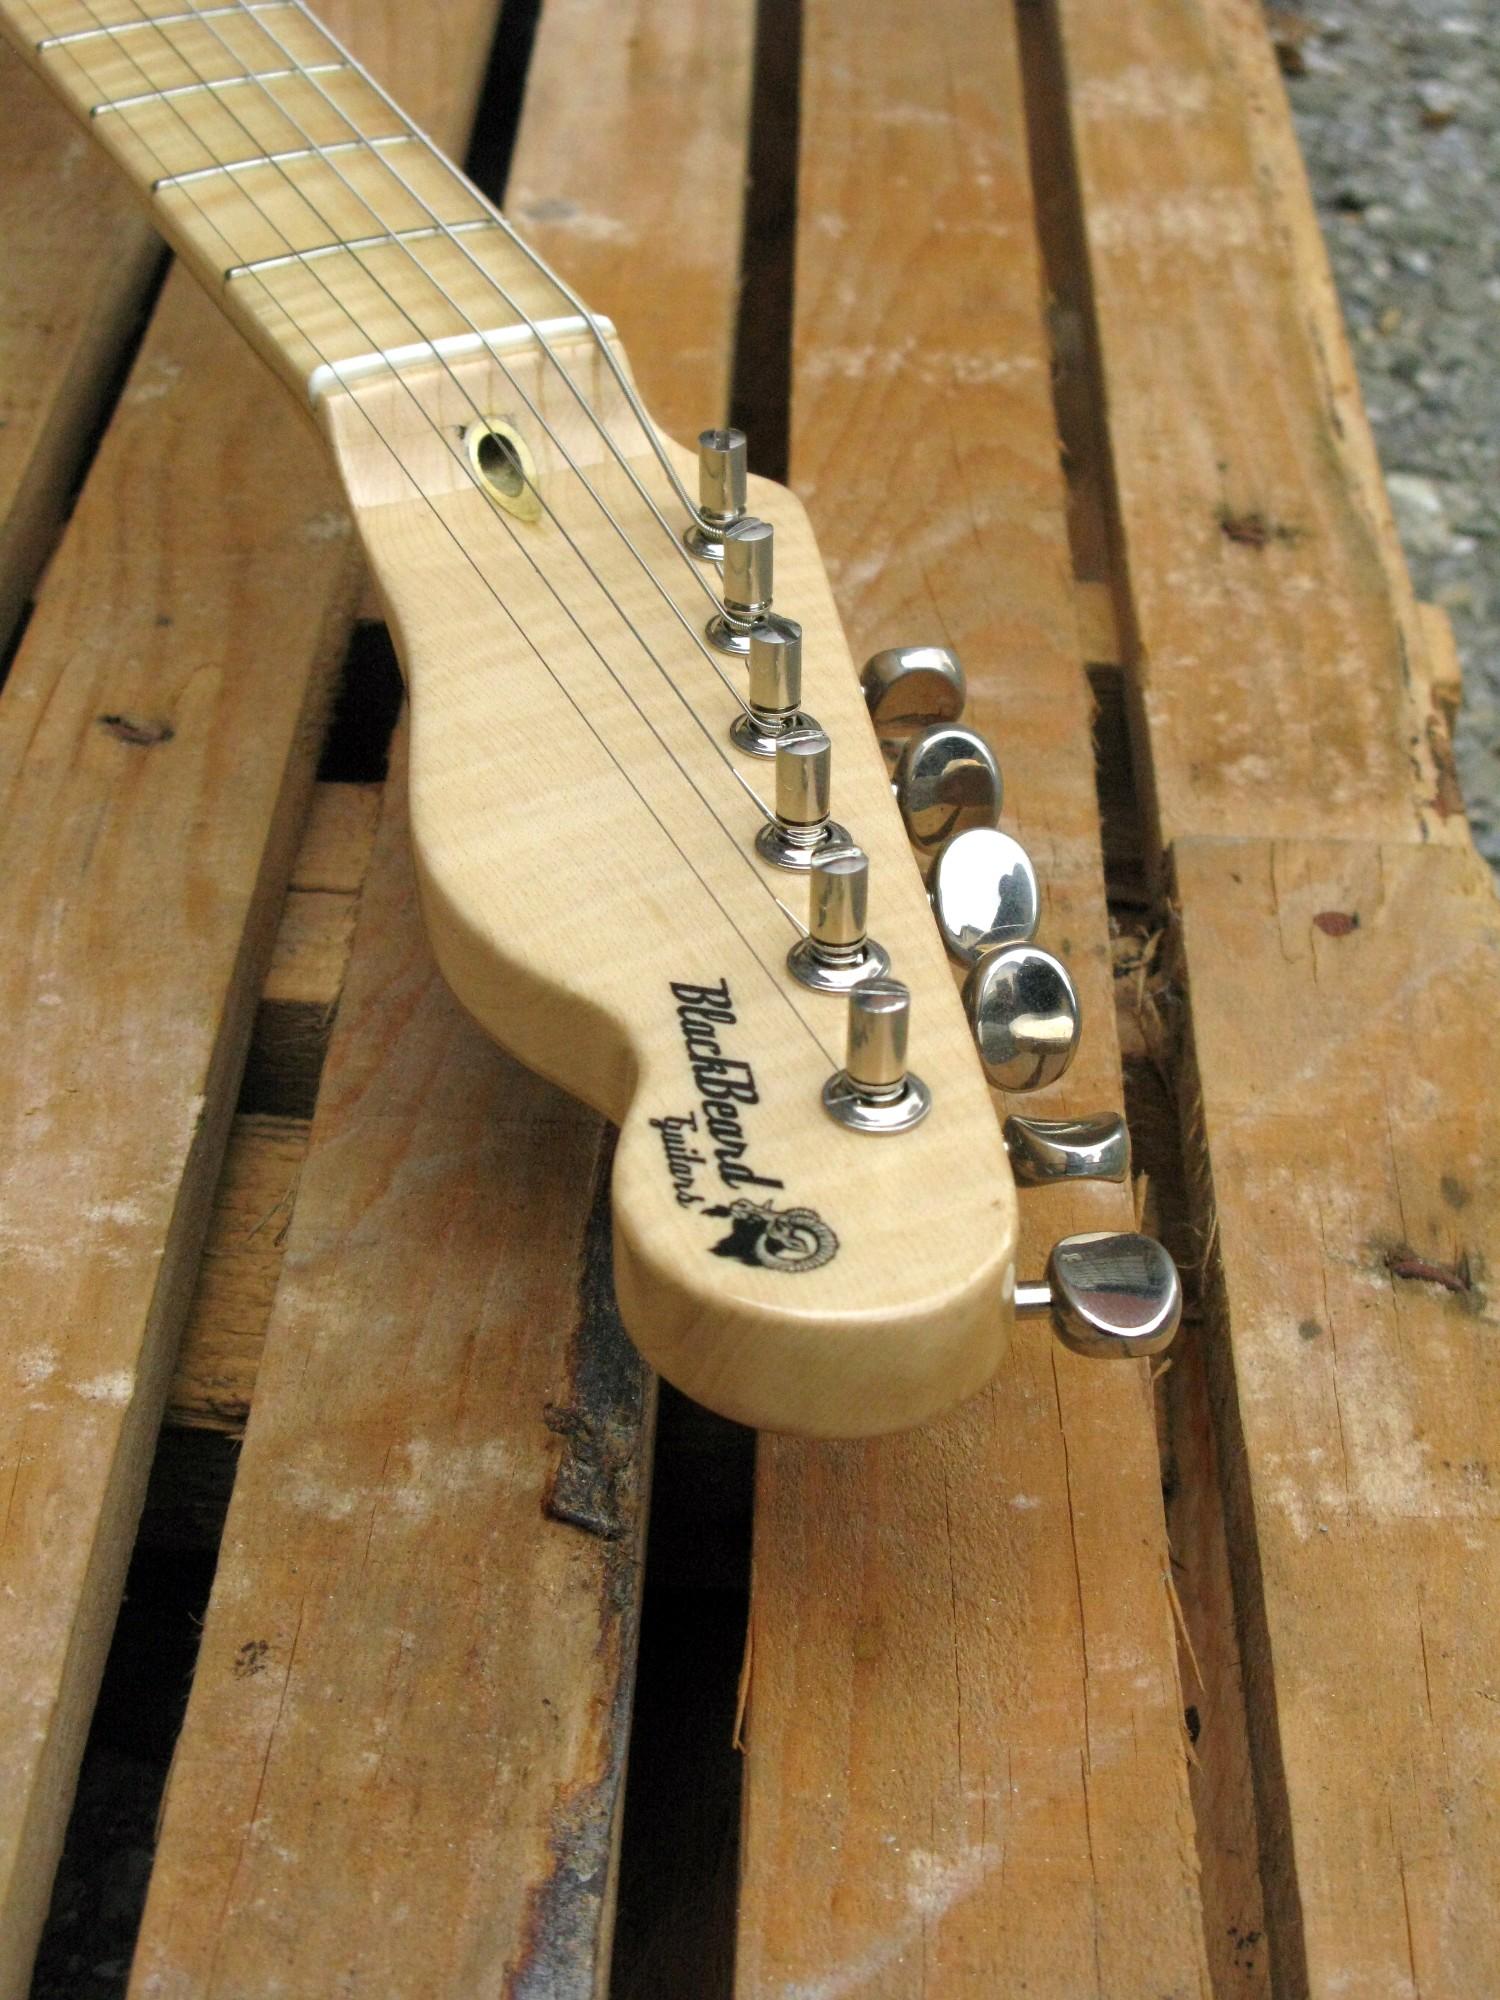 paletta in acero di una chitarra elettrica Telecaster in pioppo